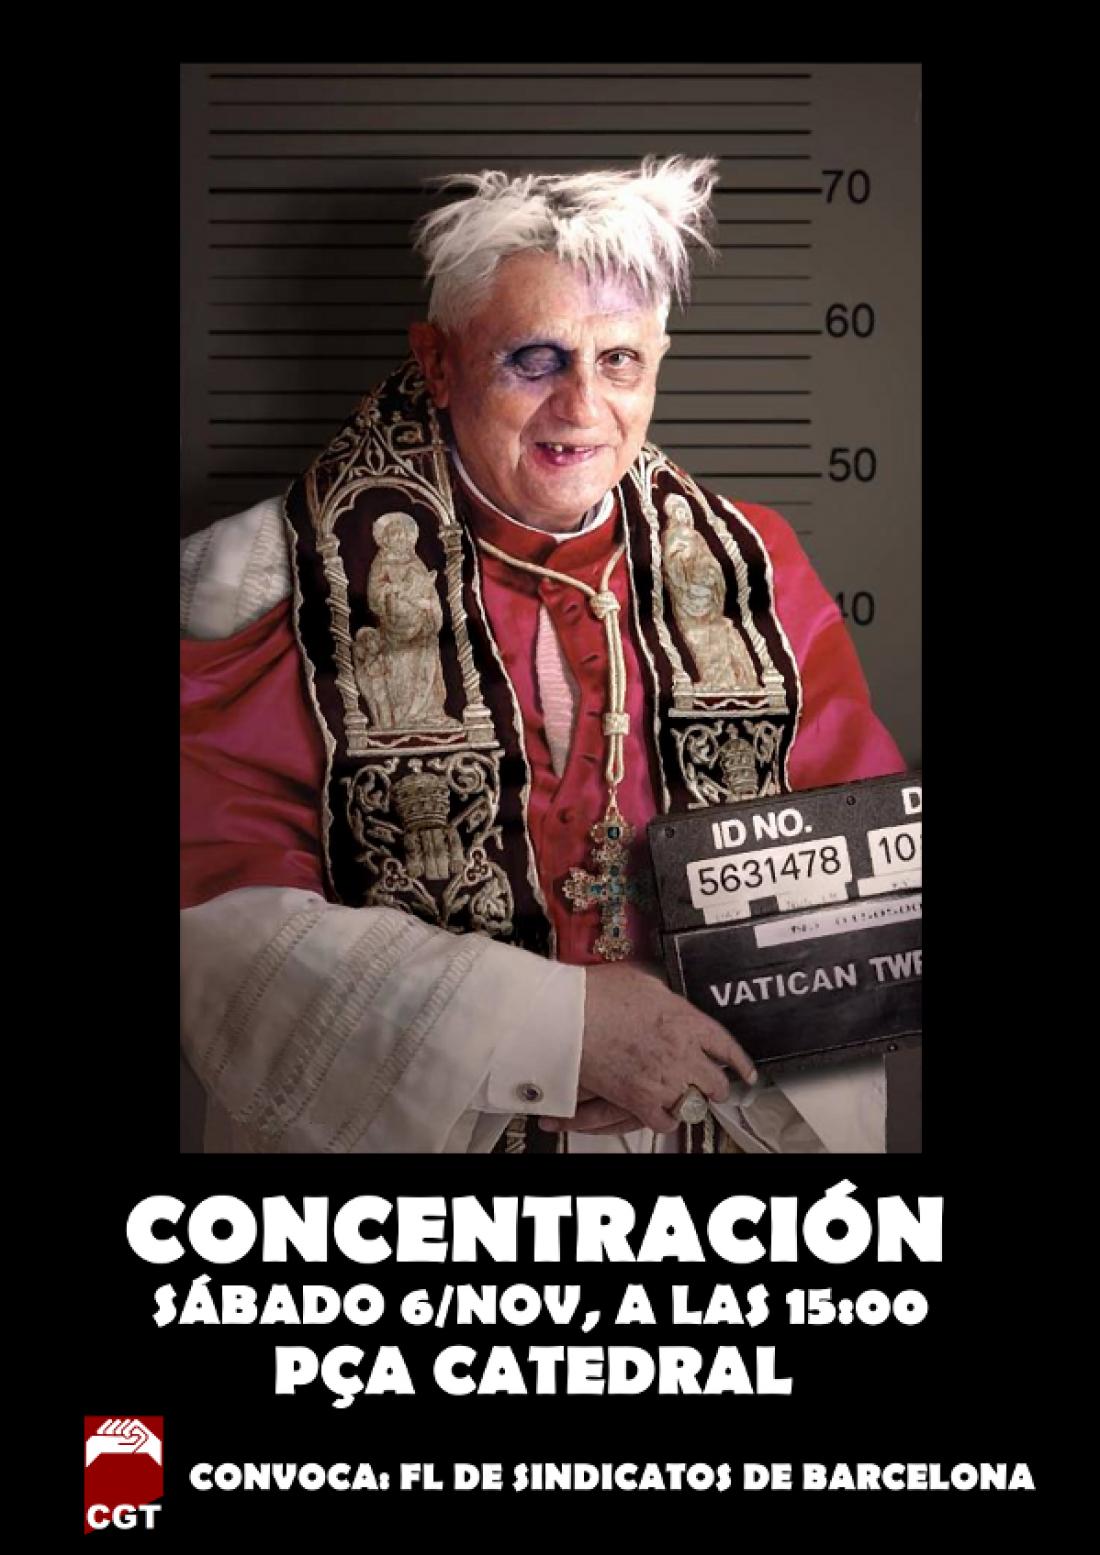 6 de Noviembre: CGT Barcelona convoca concentración contra la visita papal